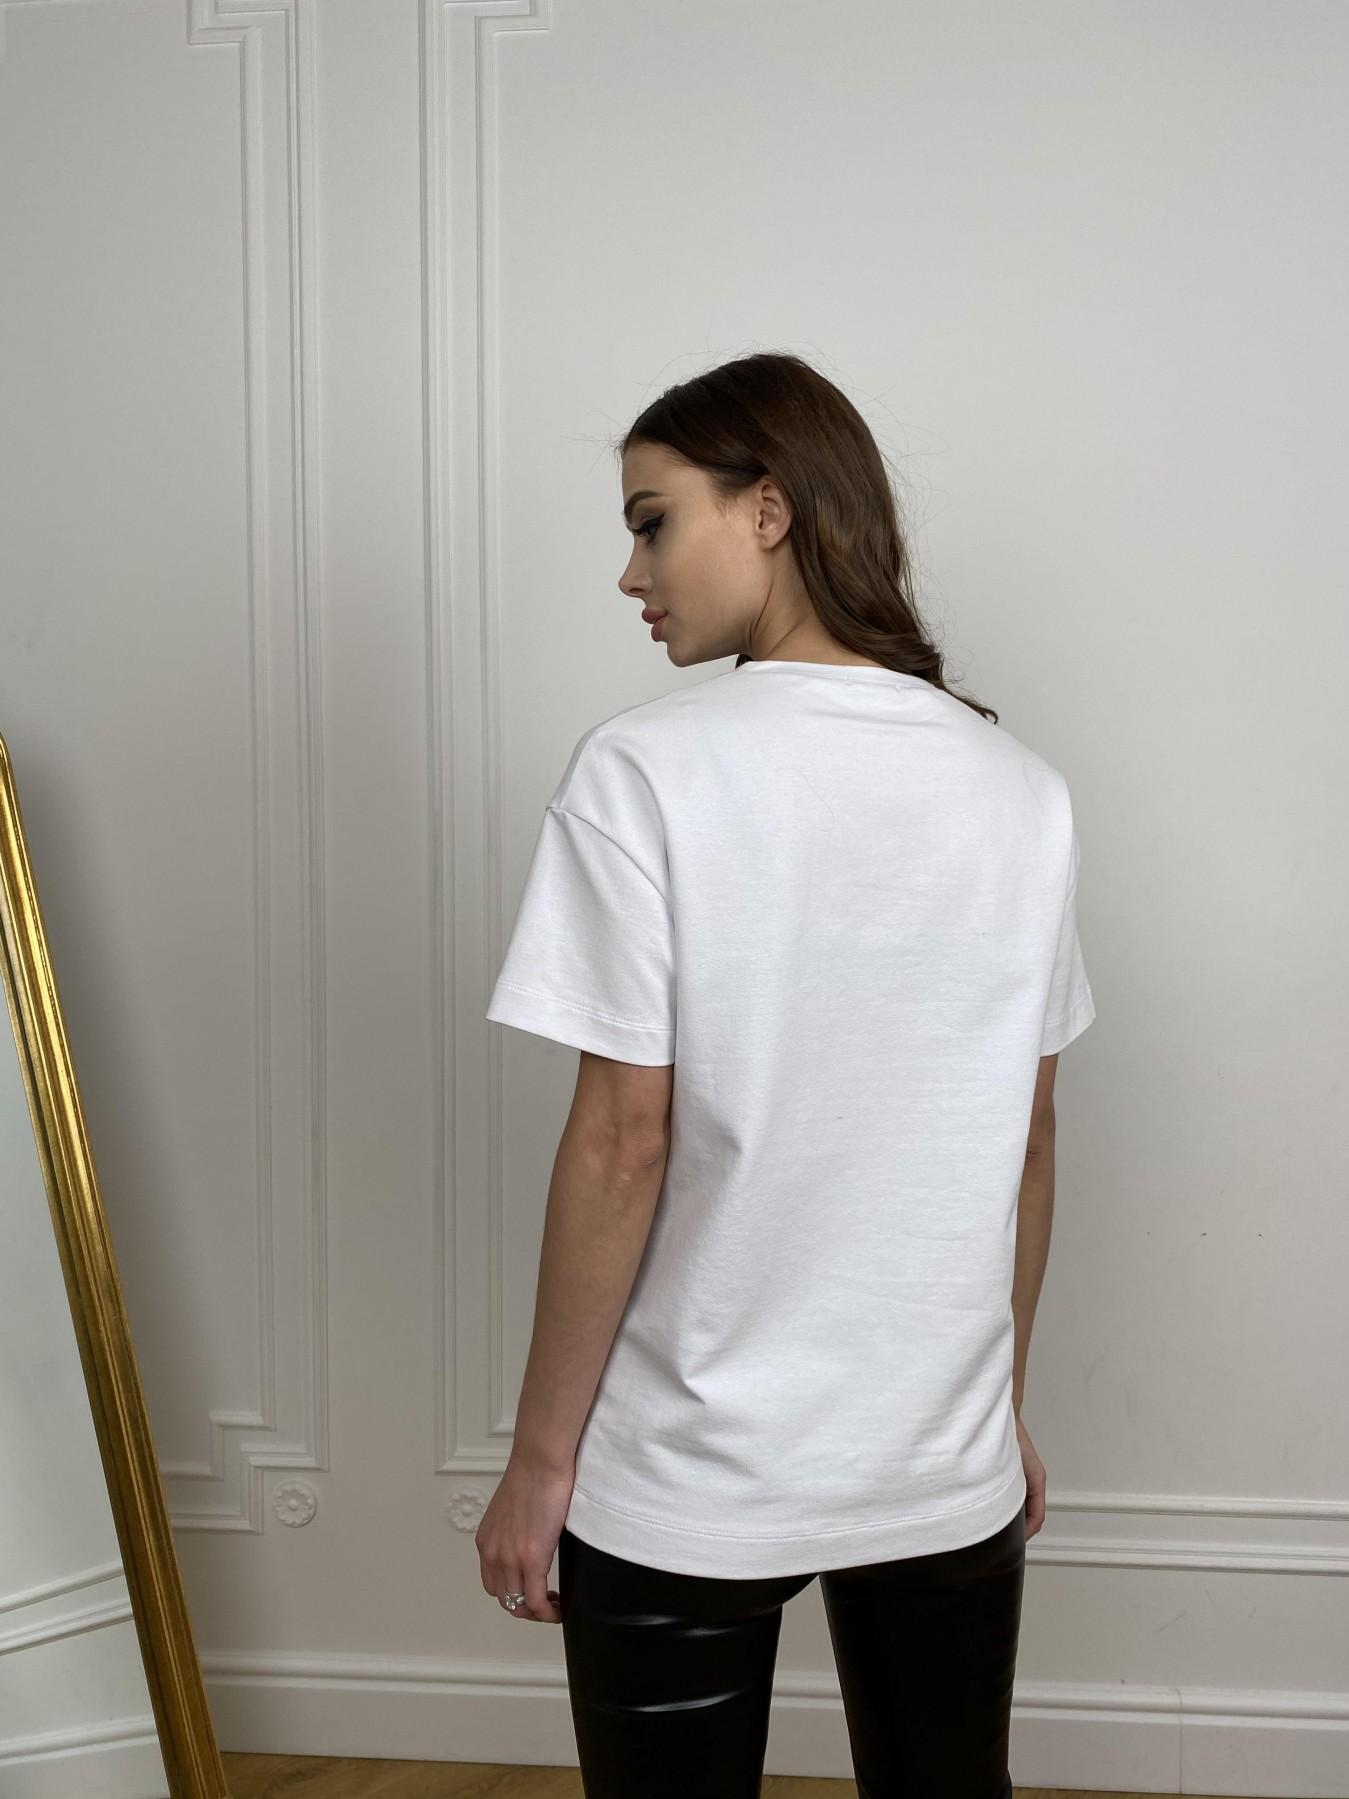 Скипер футболка трикотажная из двунитки  10593 АРТ. 46941 Цвет: Белый - фото 4, интернет магазин tm-modus.ru